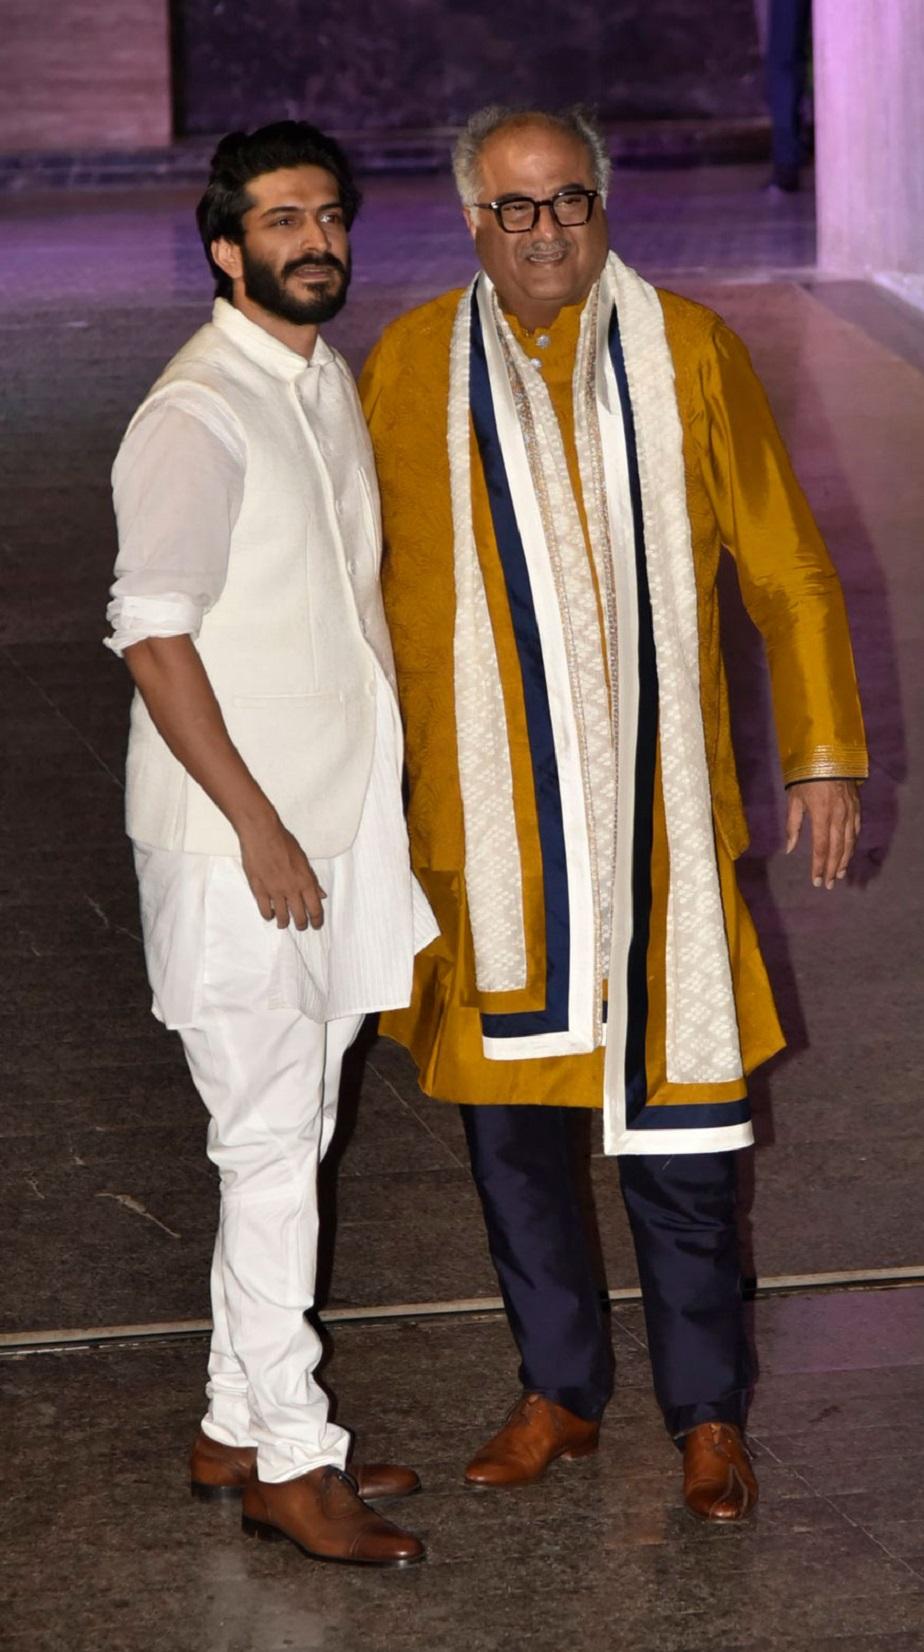 ದೊಡ್ಡಪ್ಪ ಬೋನಿ ಕಪೂರ್ ಜೊತೆಯಲ್ಲಿ ಹರ್ಷವರ್ಧನ್ ಕಪೂರ್.